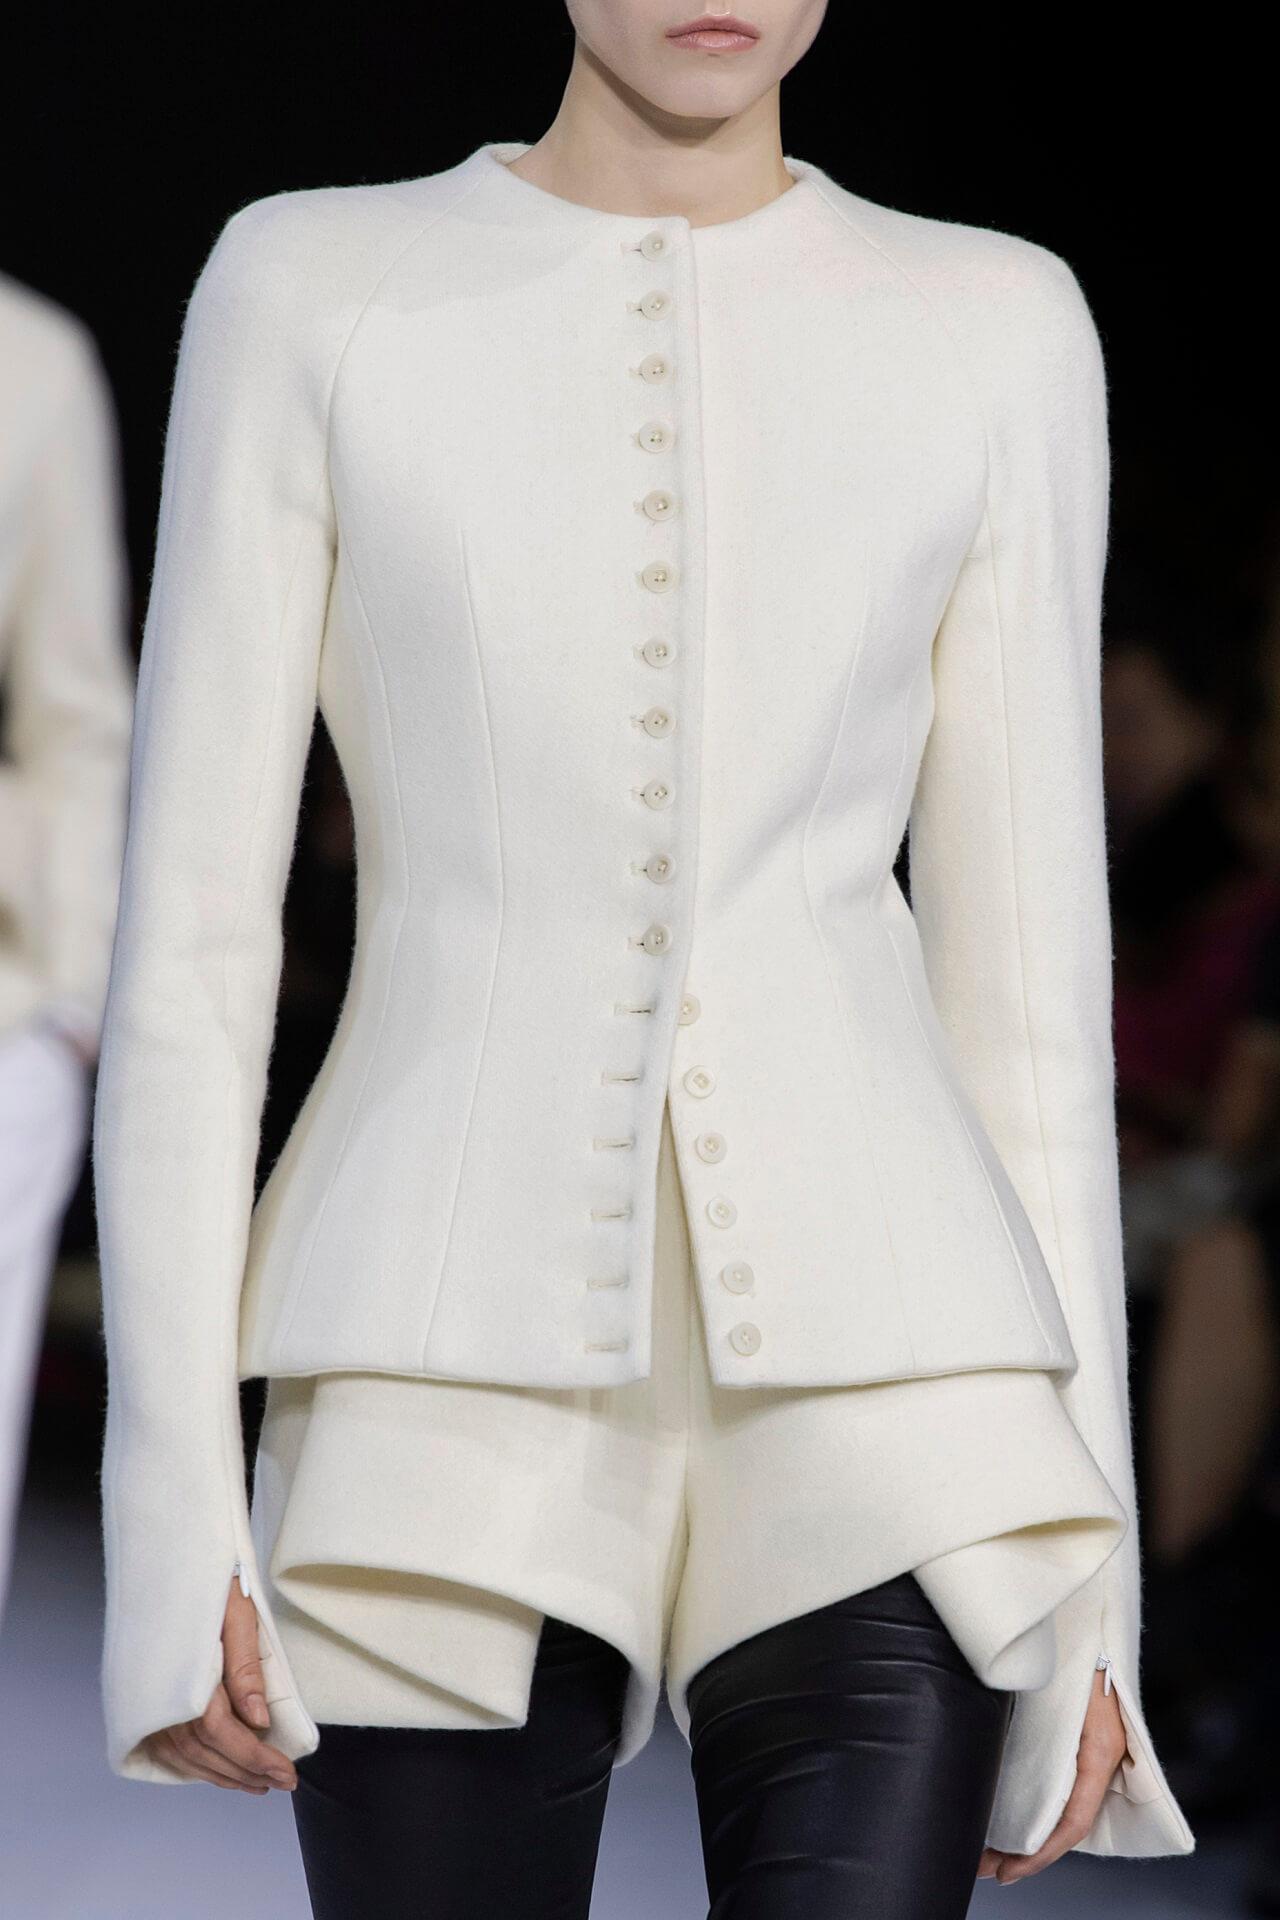 Четкий план: 10 вариаций самого модного пиджака осенне-зимнего сезона 2020/21-Фото 4